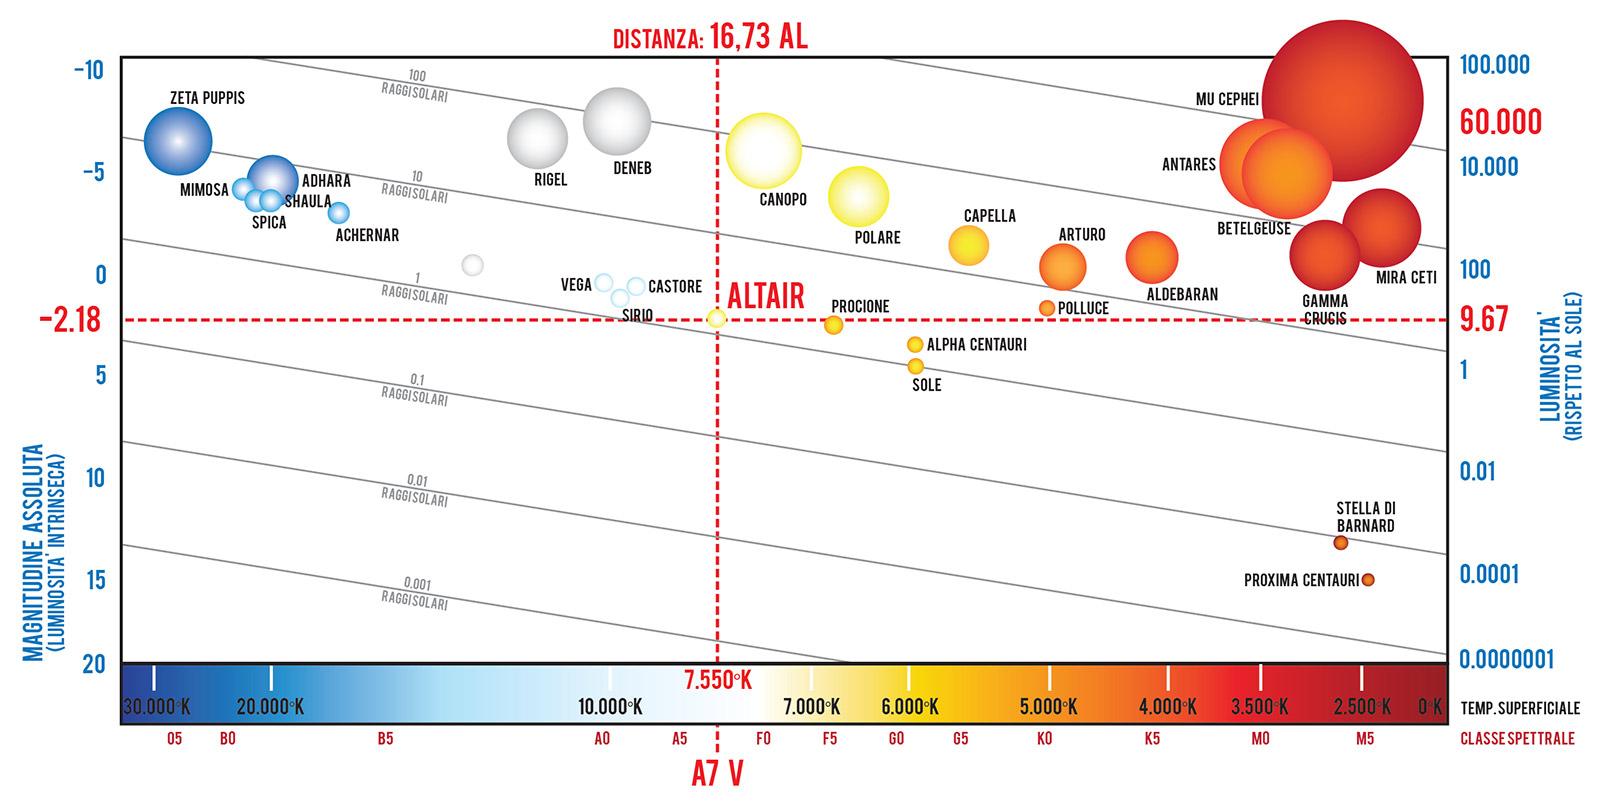 La posizione di Altair, l'alfa dell'Aquila, nel diagramma HR